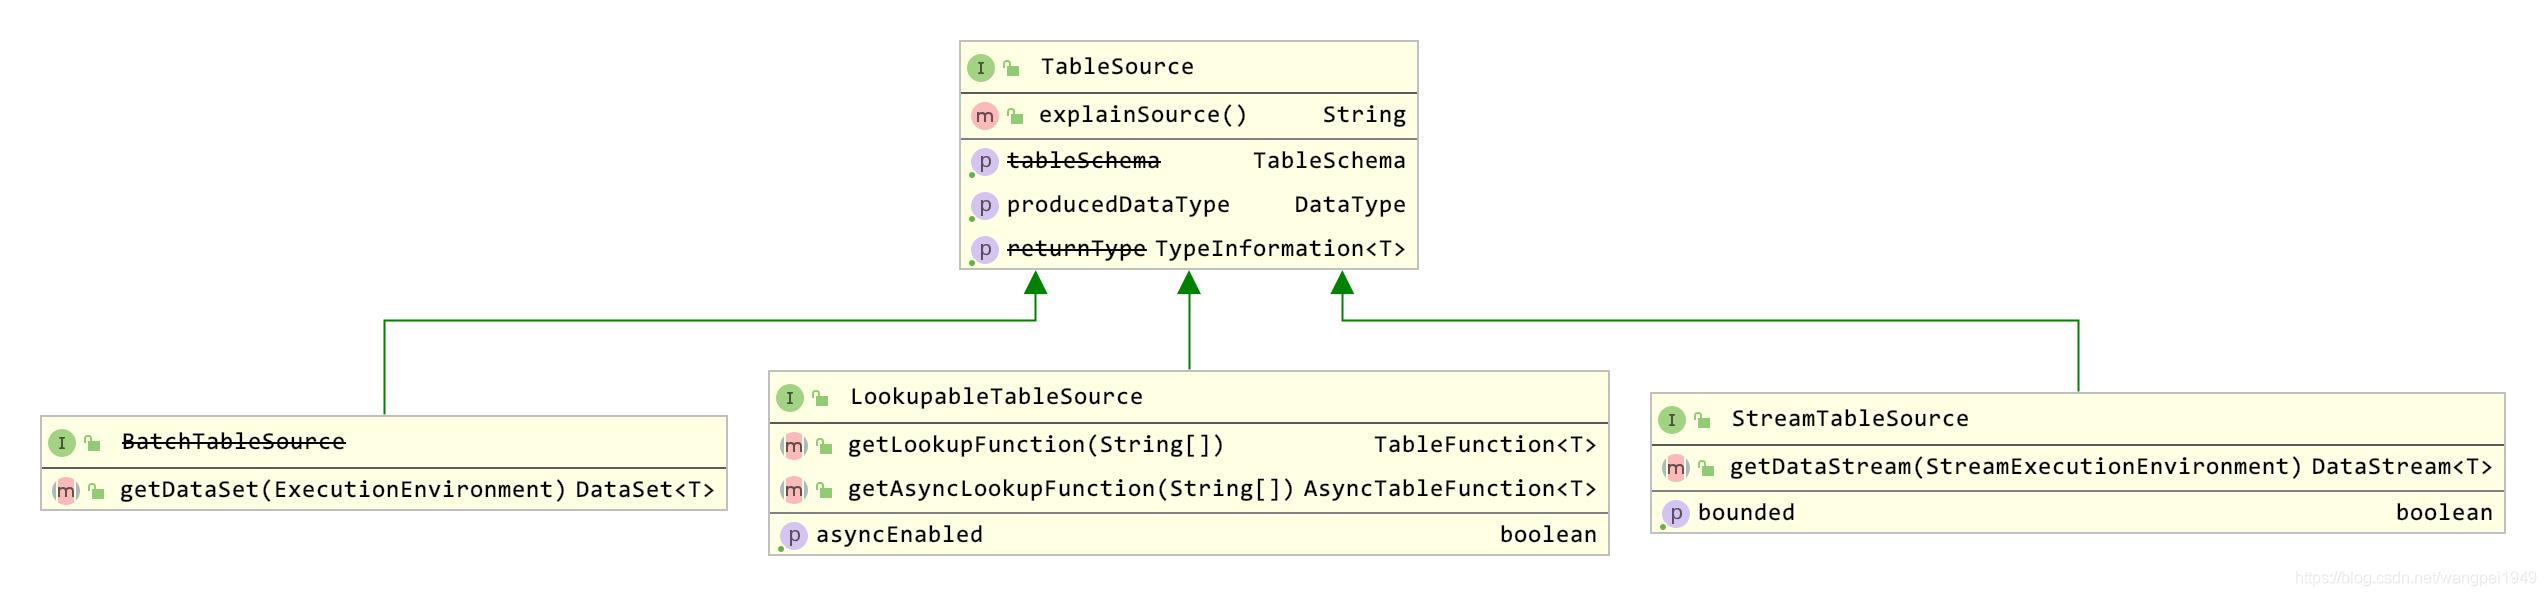 flink_table_sql_tablesource_uml.png